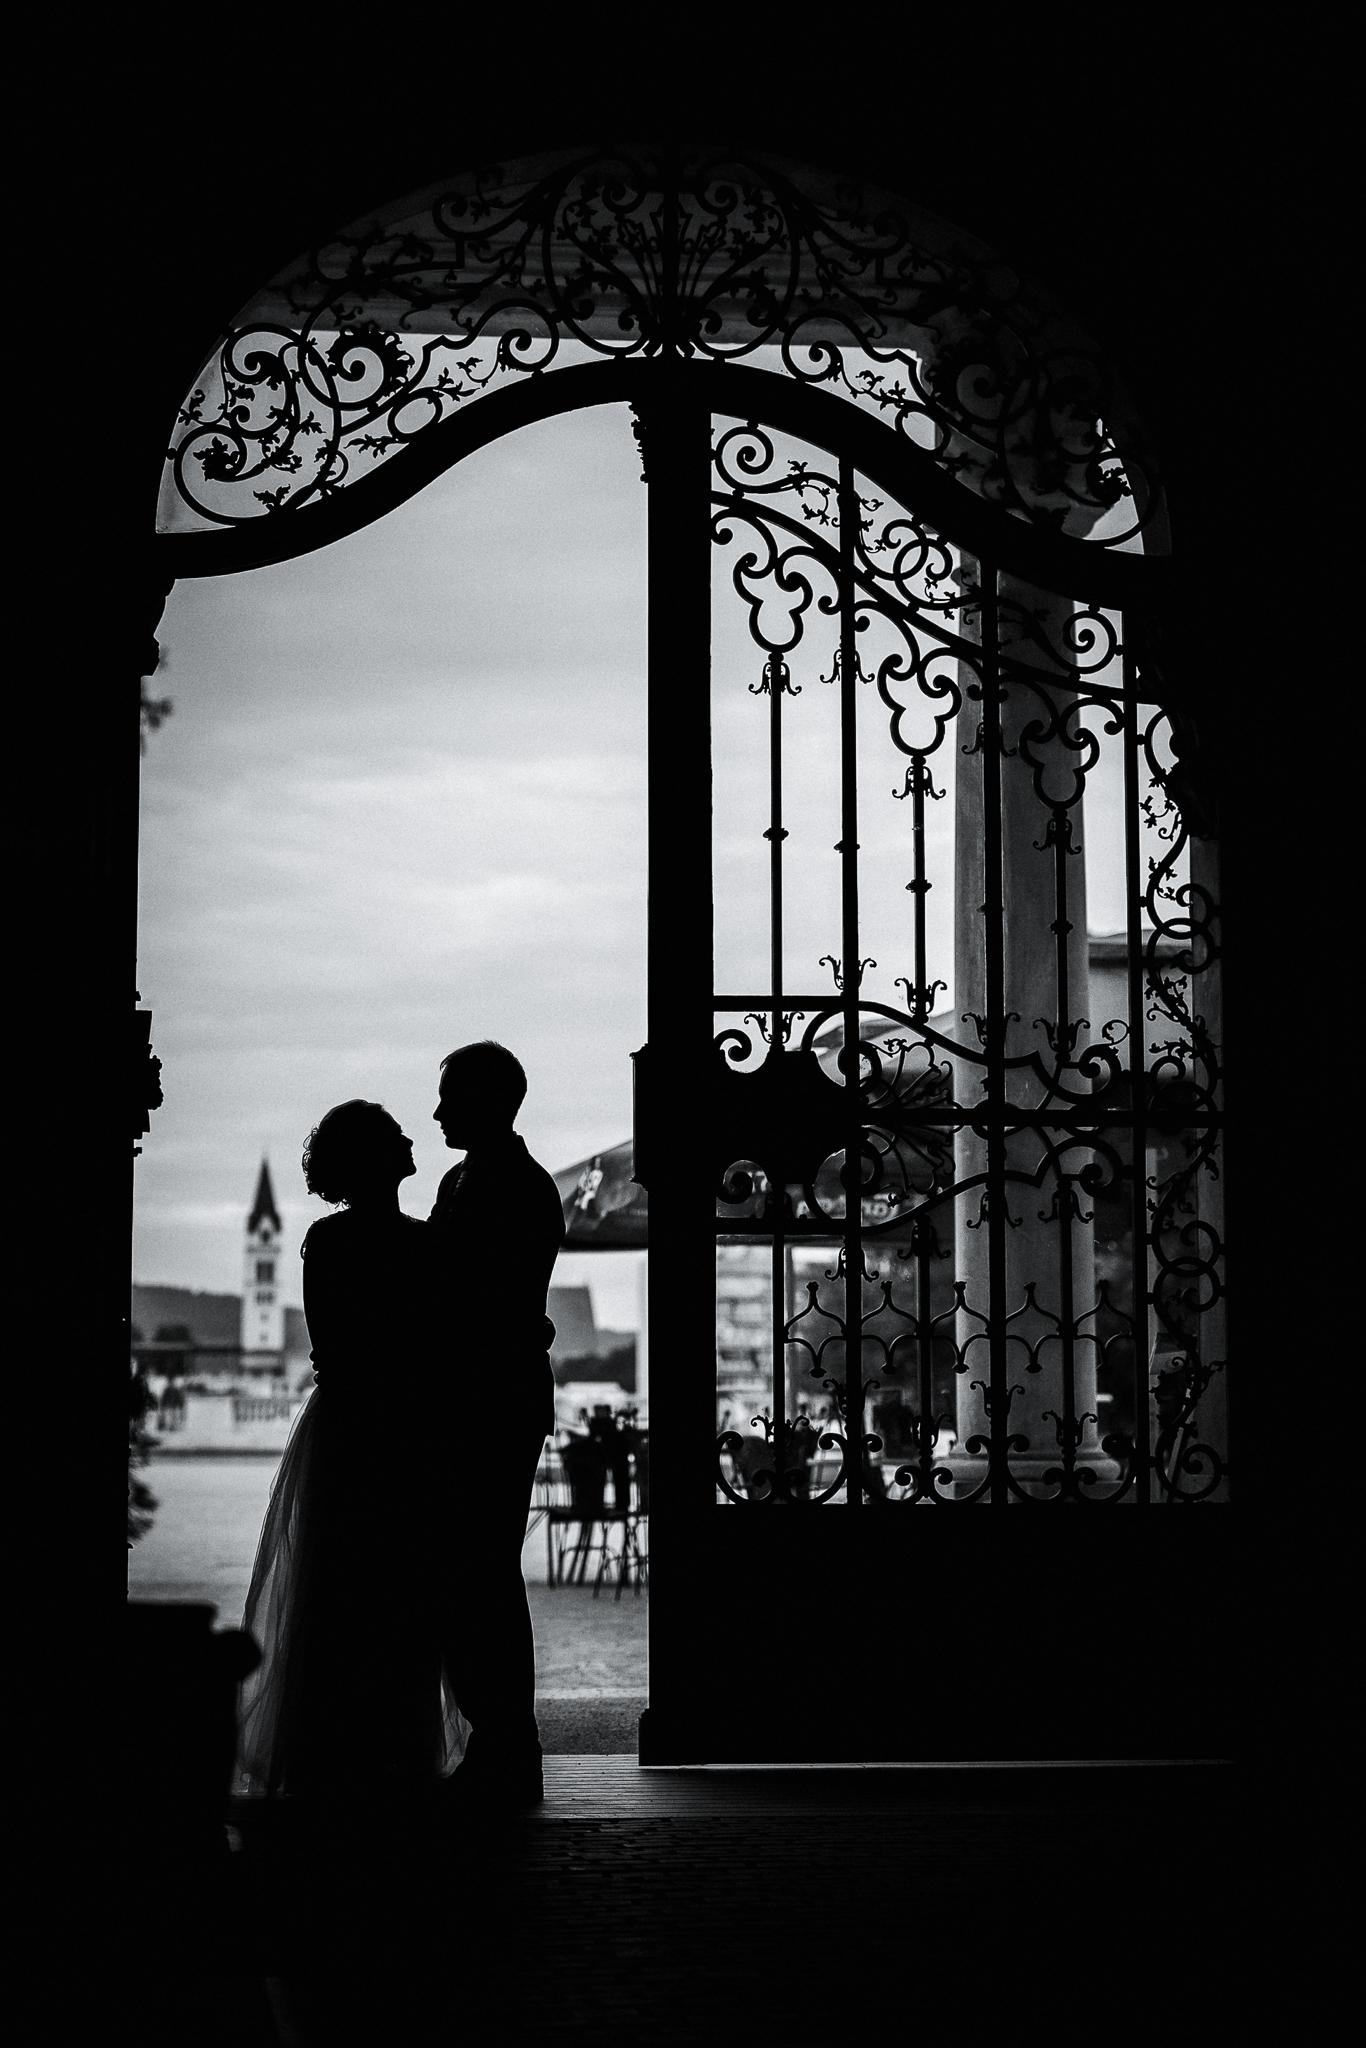 FylepPhoto, esküvőfotós, esküvői fotós Körmend, Szombathely, esküvőfotózás, magyarország, vas megye, prémium, jegyesfotózás, Fülöp Péter, körmend, kreatív, fotográfus_26-2.jpg